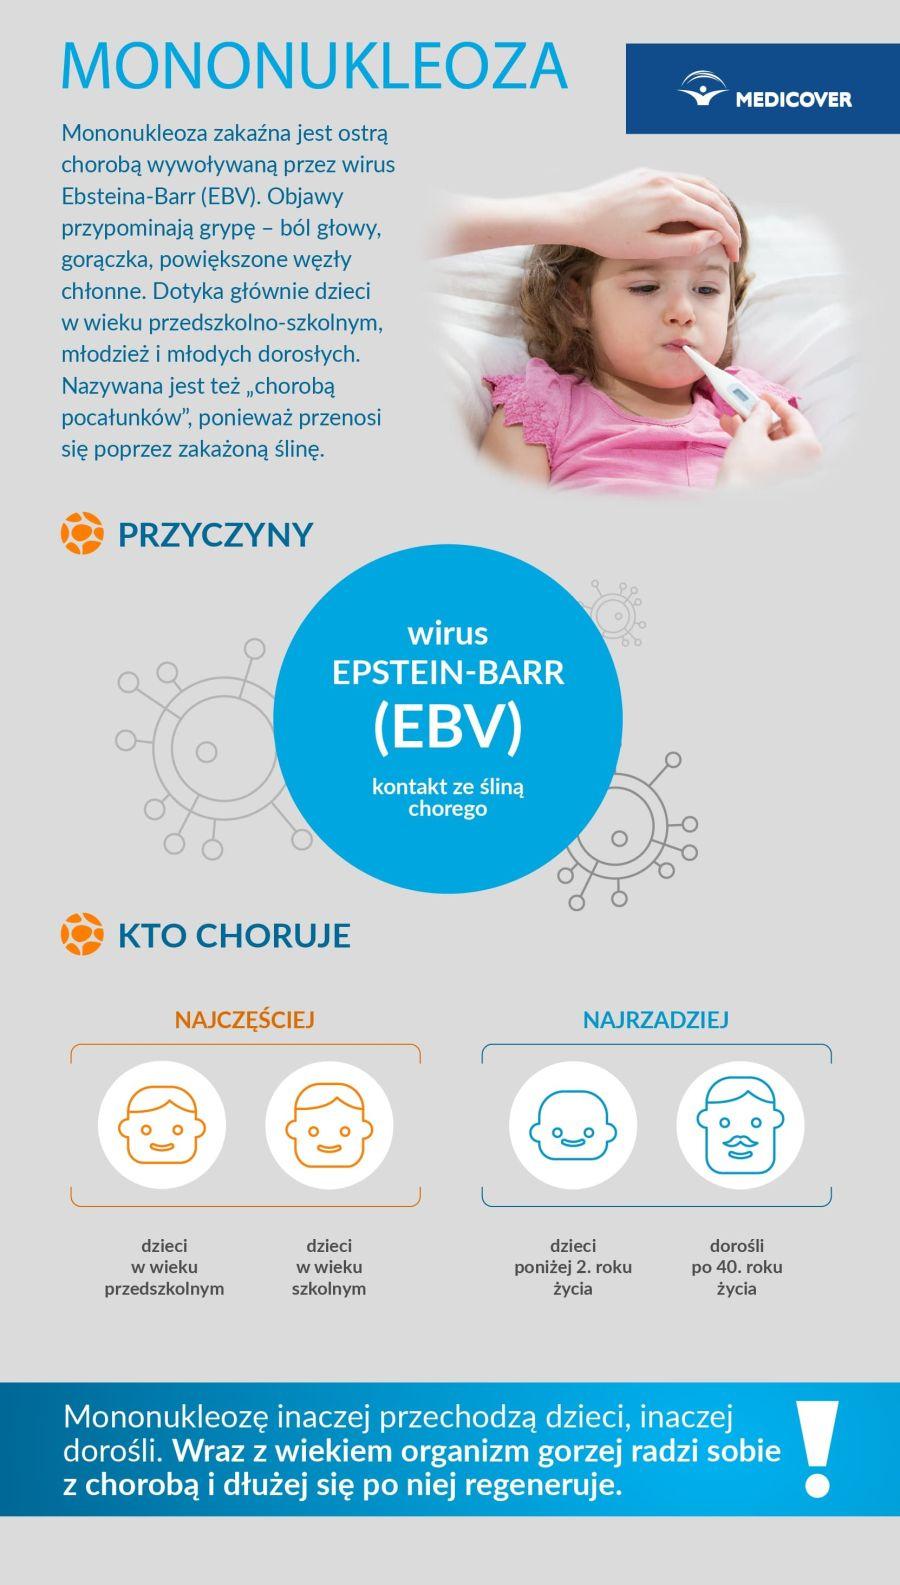 Mononukleoza ustarszych dzieci występuje częściej niż udorosłych